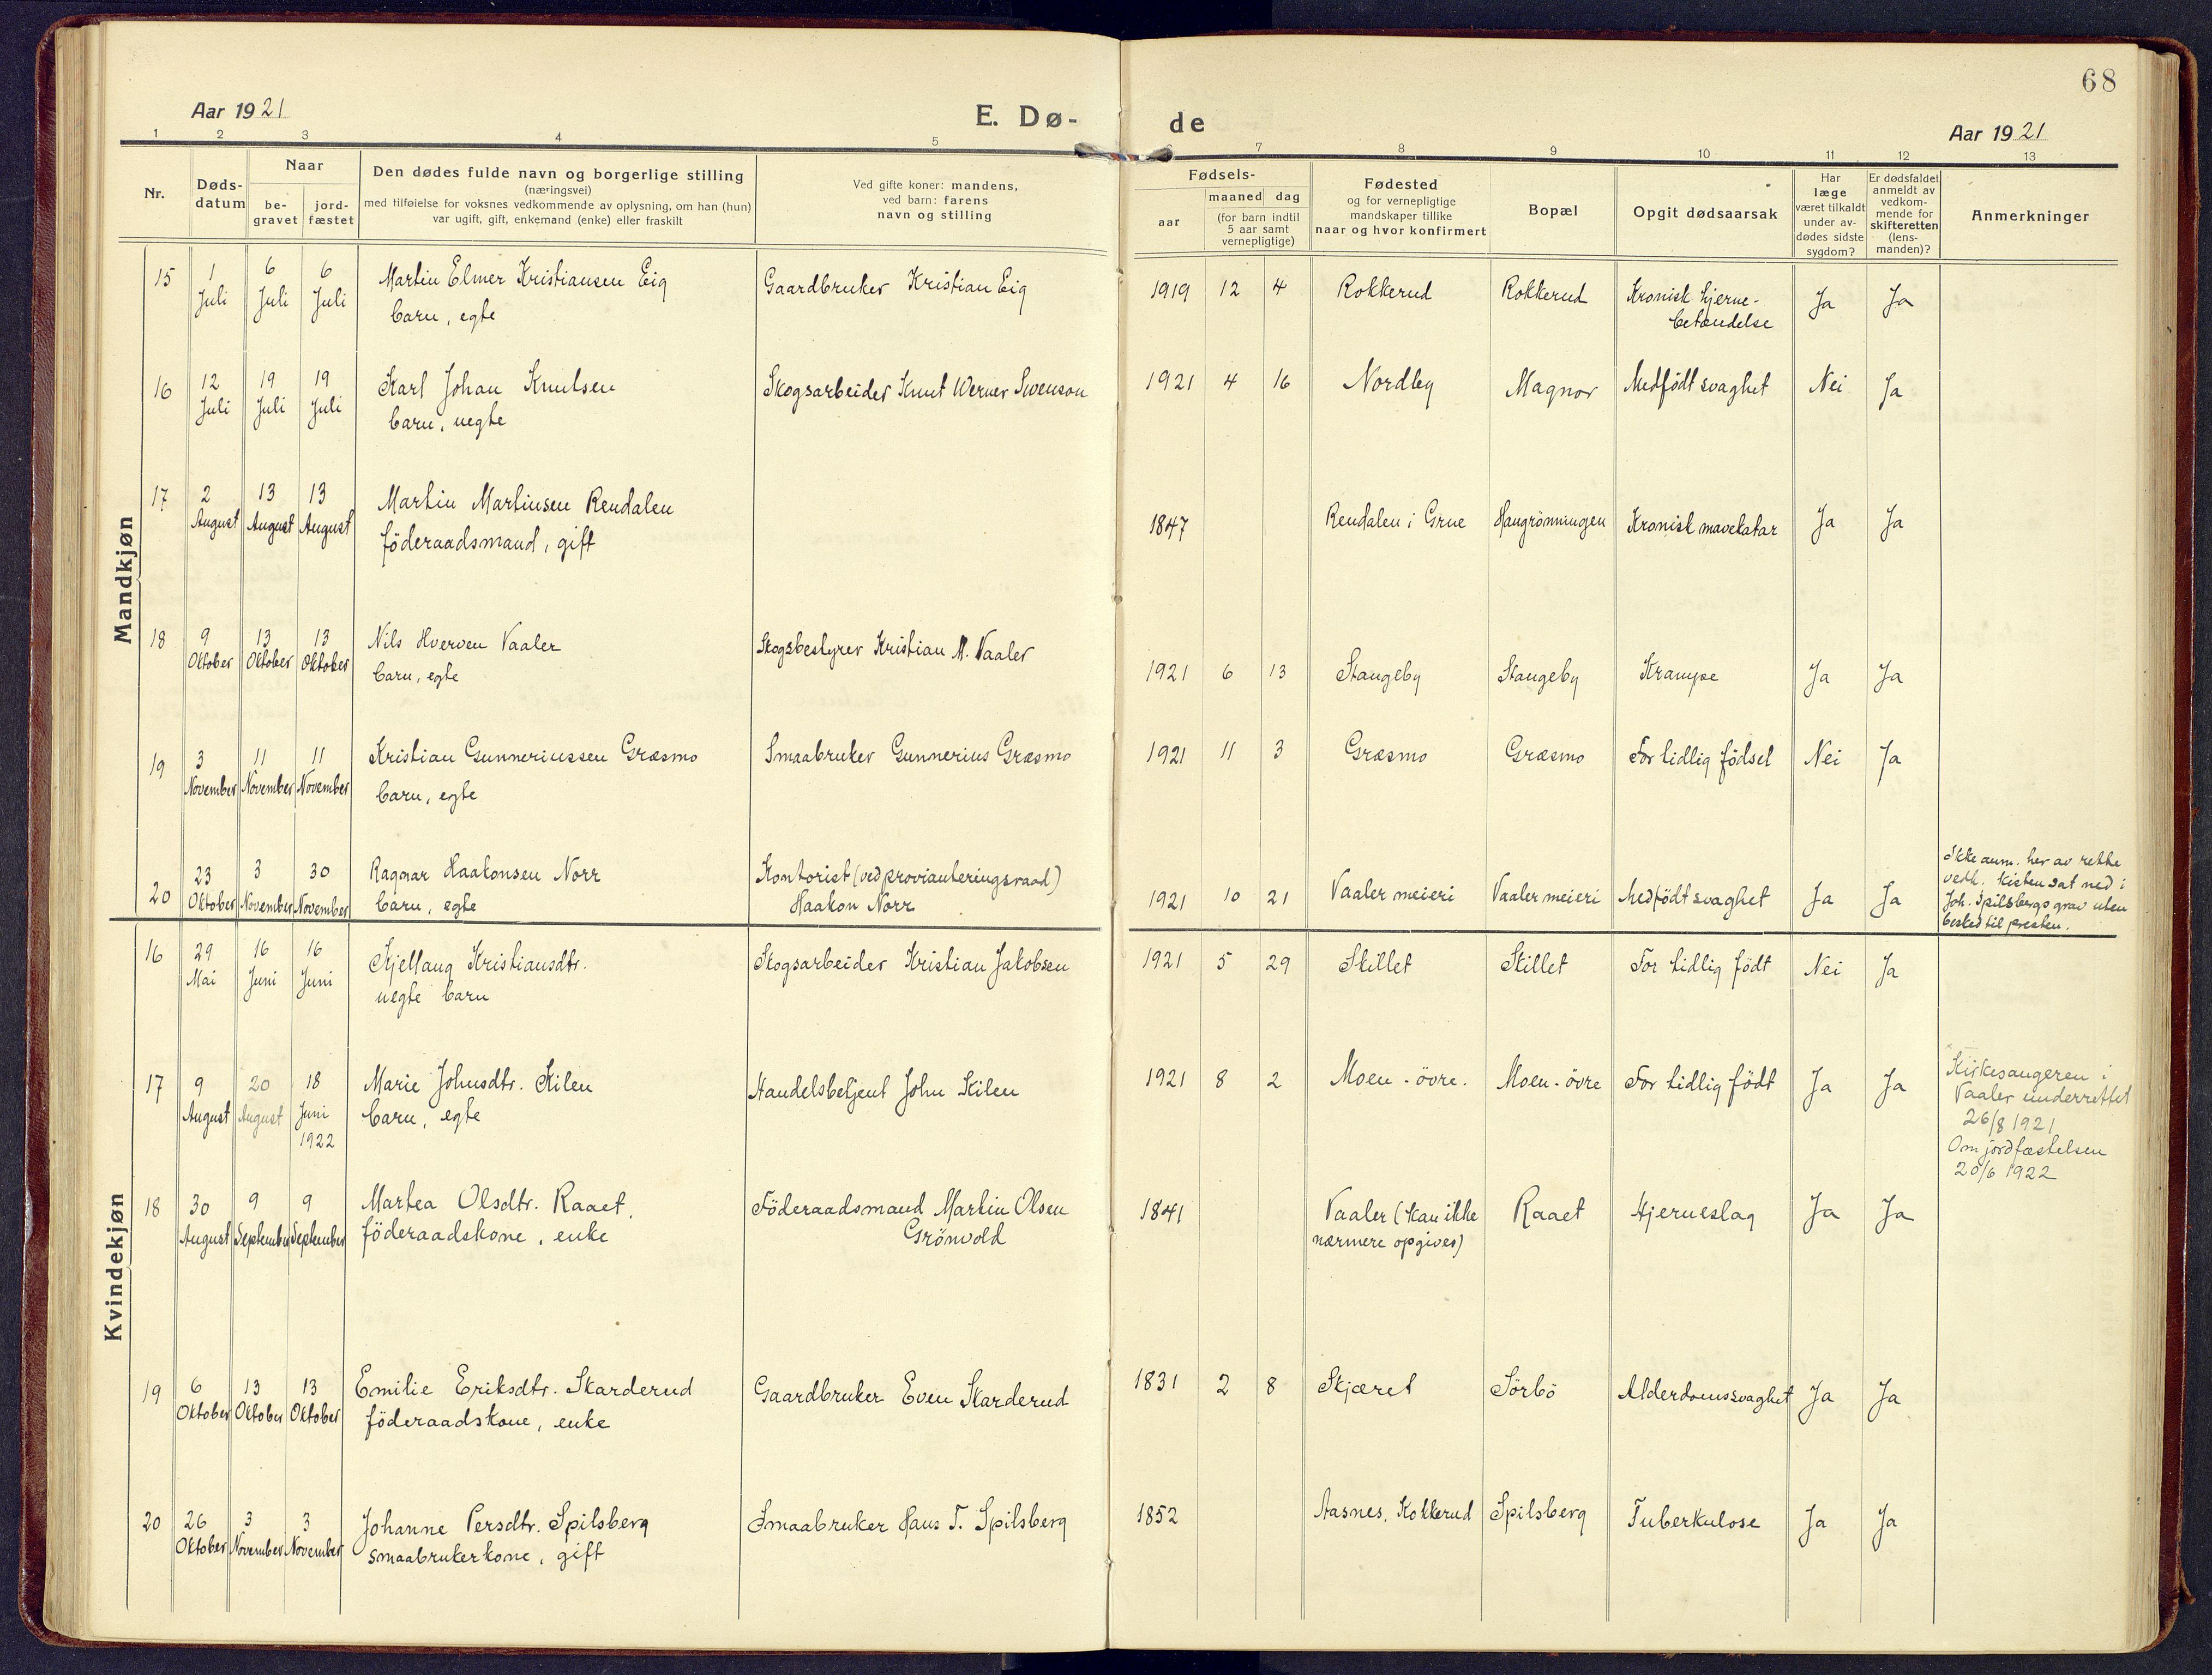 SAH, Våler prestekontor, Hedmark, Ministerialbok nr. 11, 1919-1933, s. 68